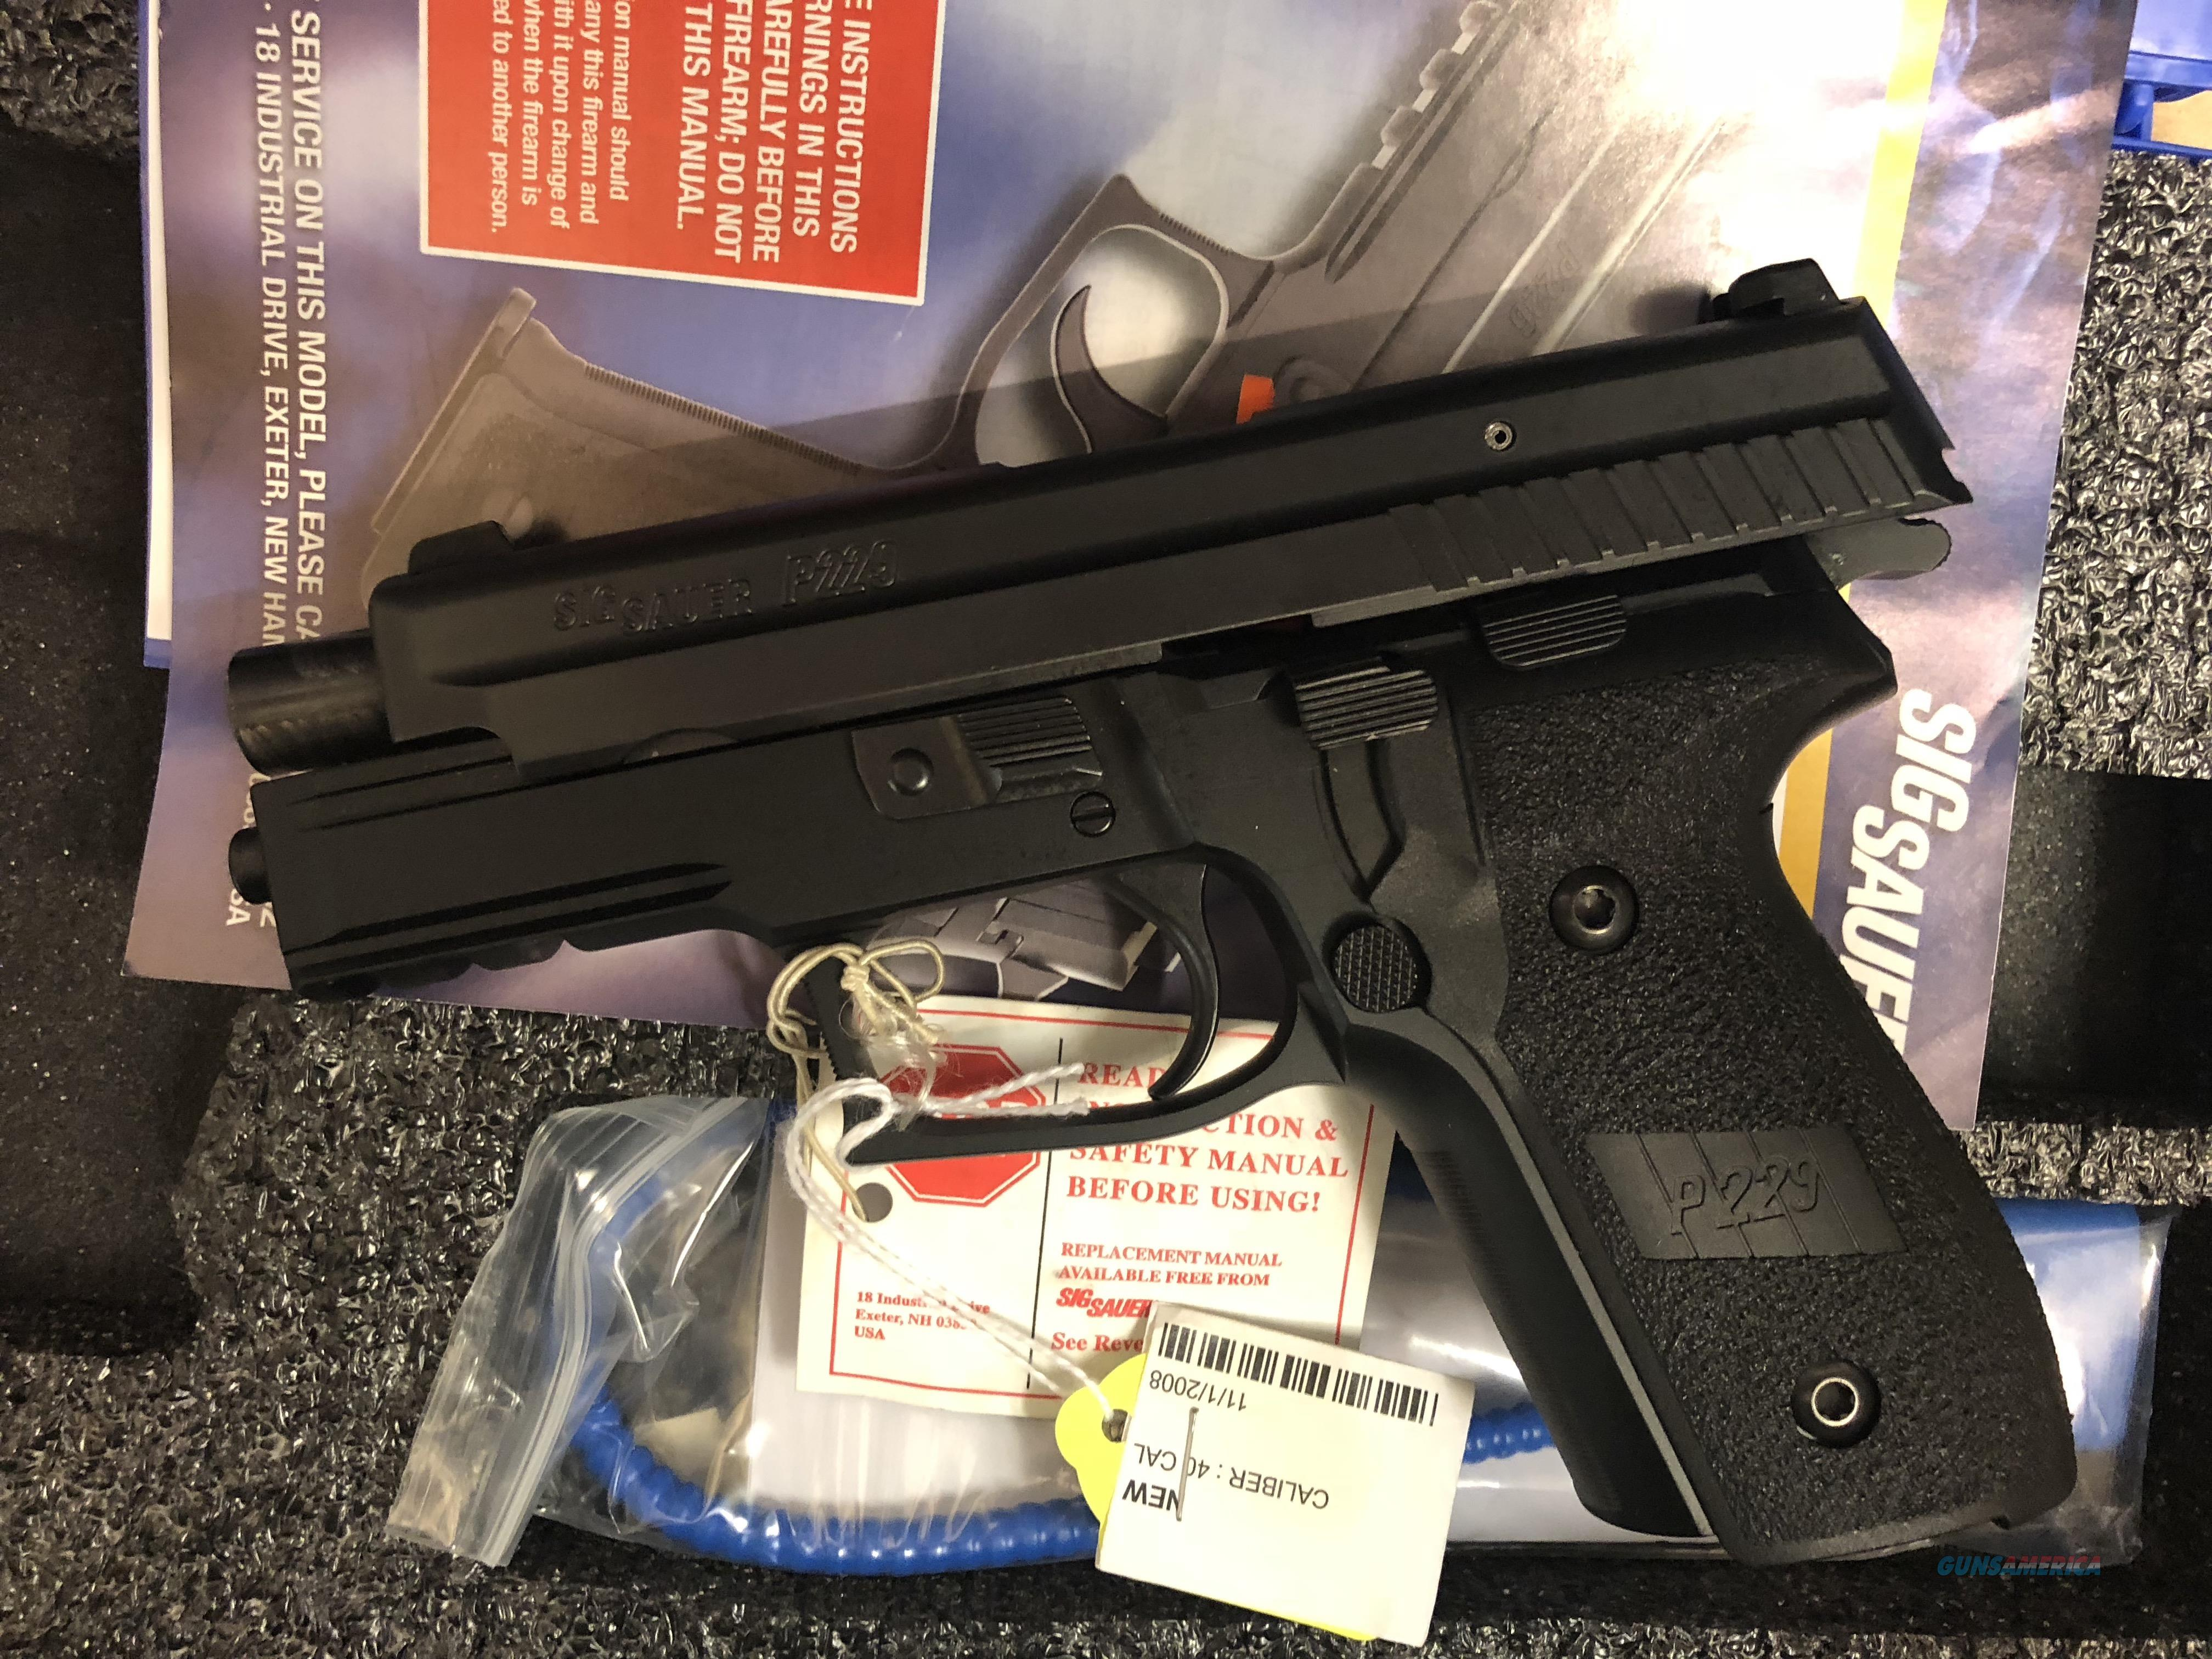 SIG SAUER P229 NIB 40 S&W  Guns > Pistols > Sig - Sauer/Sigarms Pistols > P229